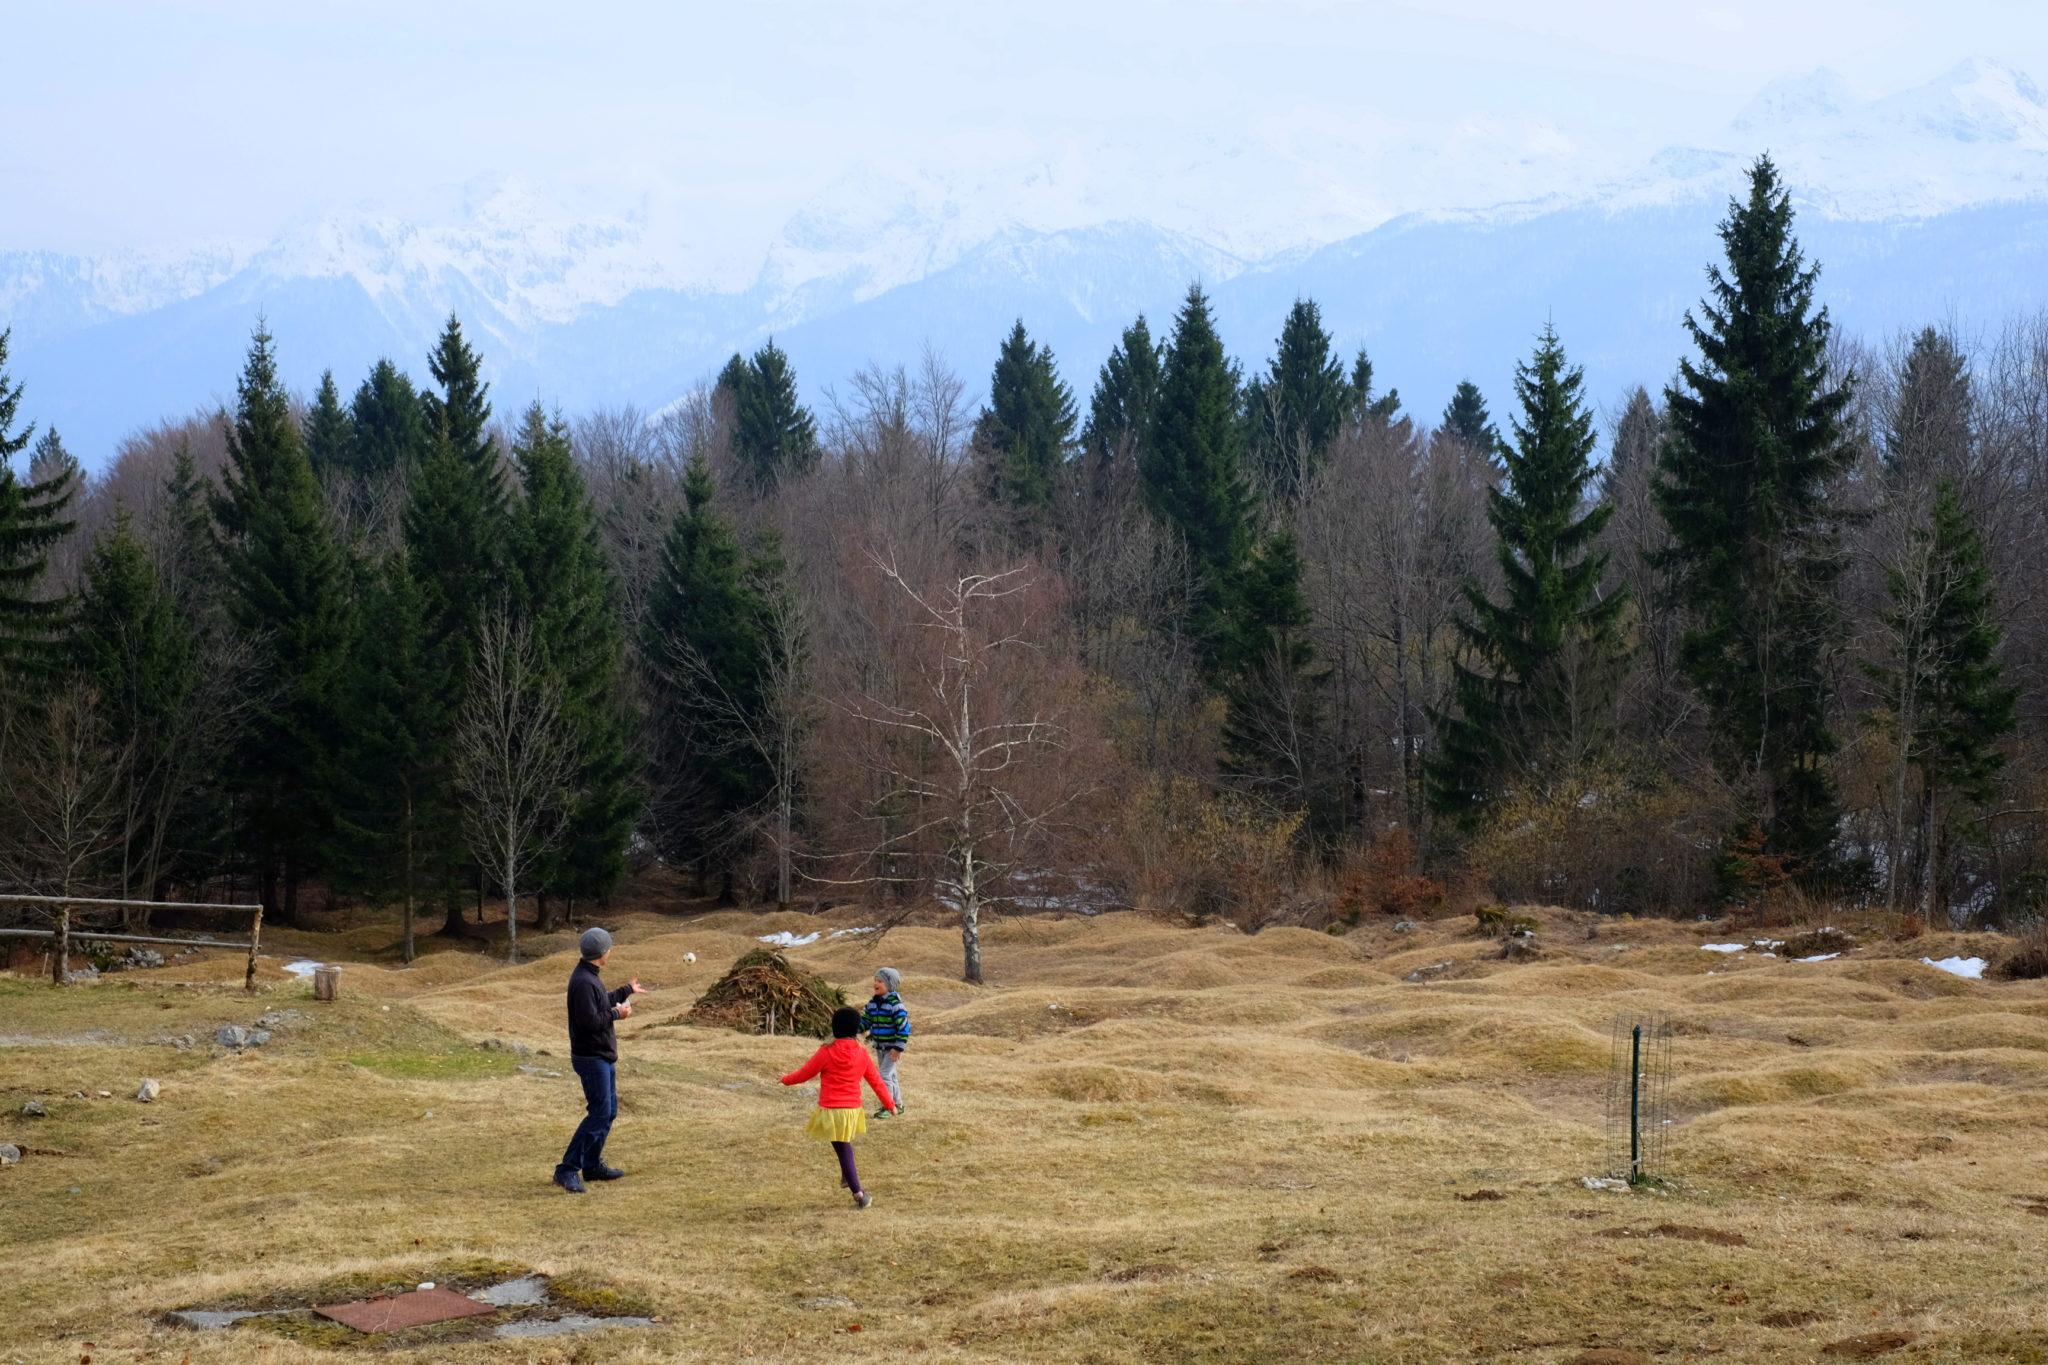 Mountain life at Vogar, Slovenia